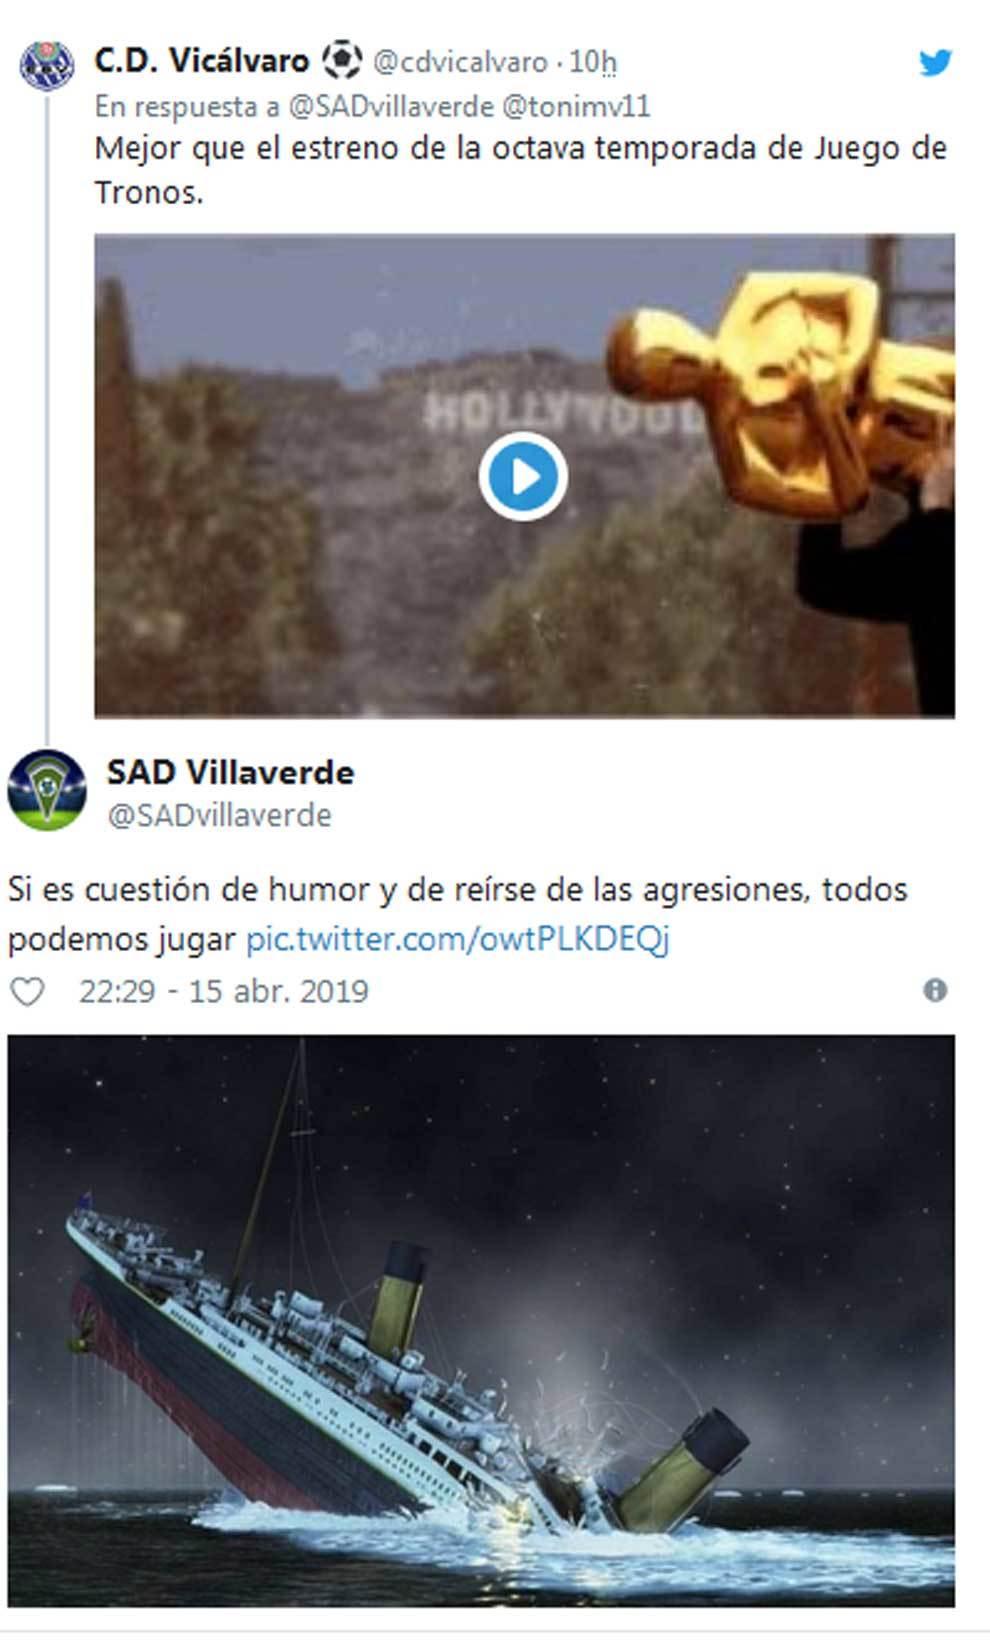 CD Vicálvaro y SAD Villaverde también se replicaron con referencias...